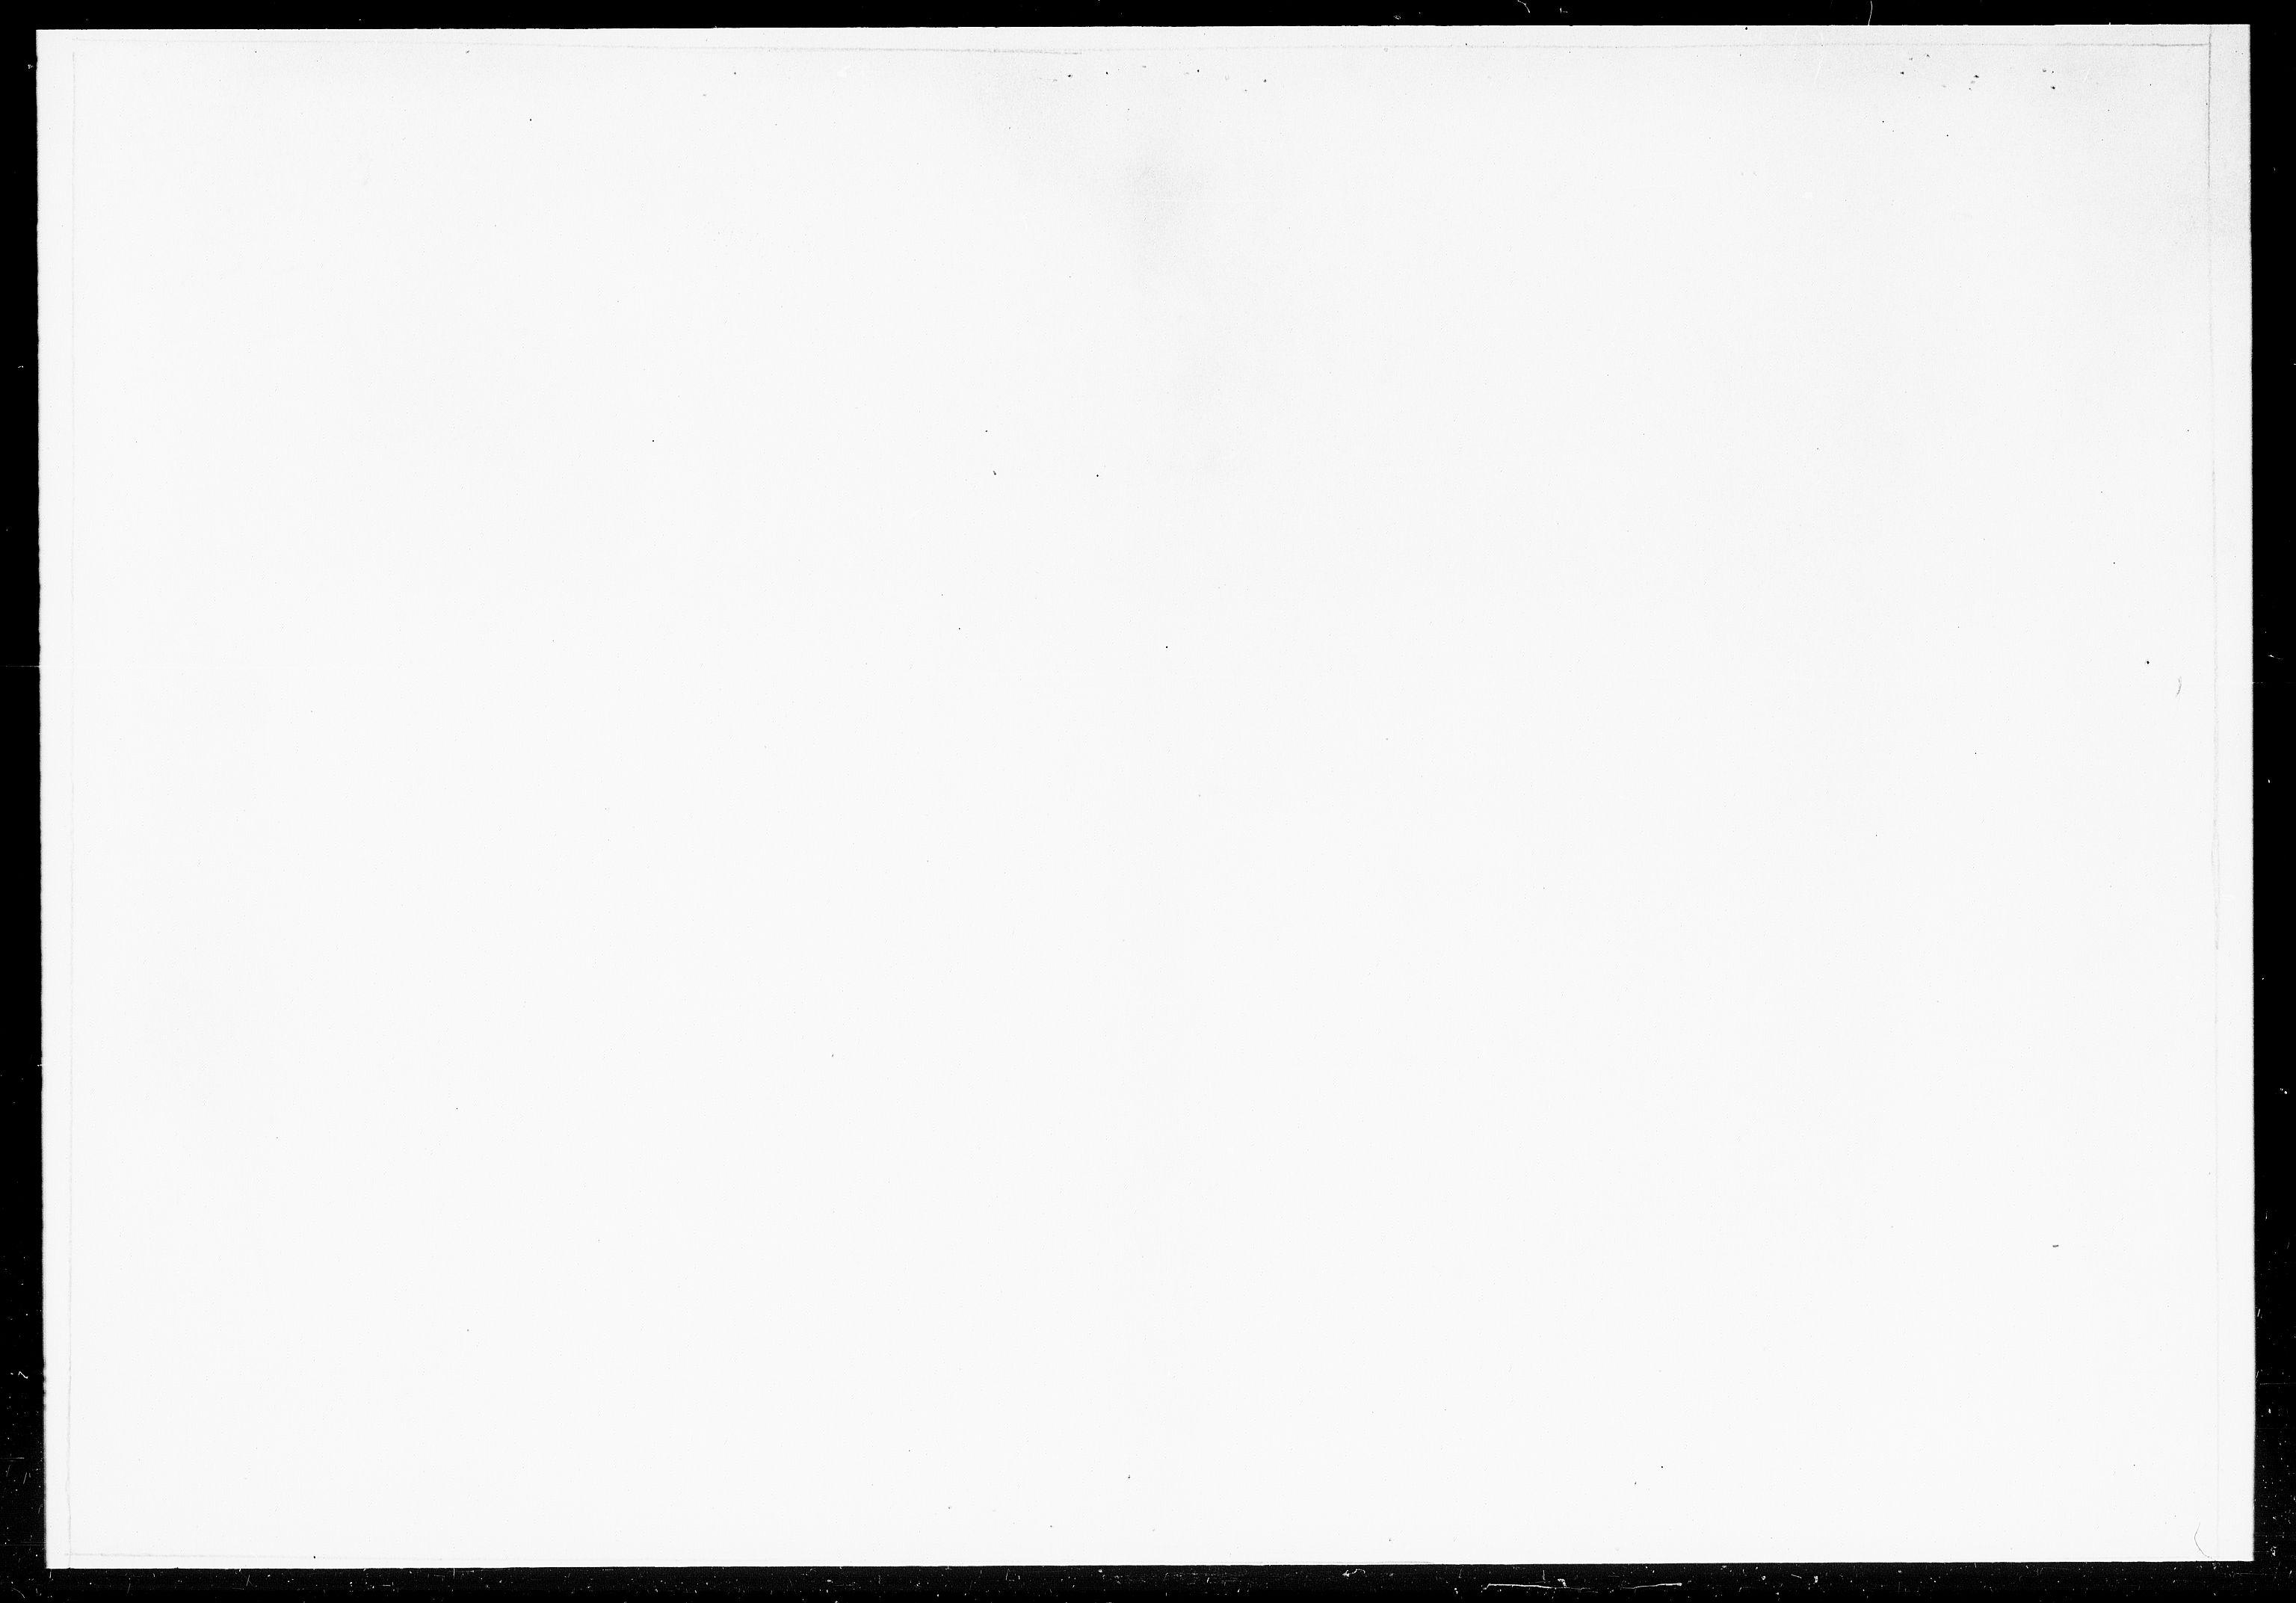 DRA, Krigskollegiet, Krigskancelliet, -/1057-1060: Refererede sager, 1720, s. 2